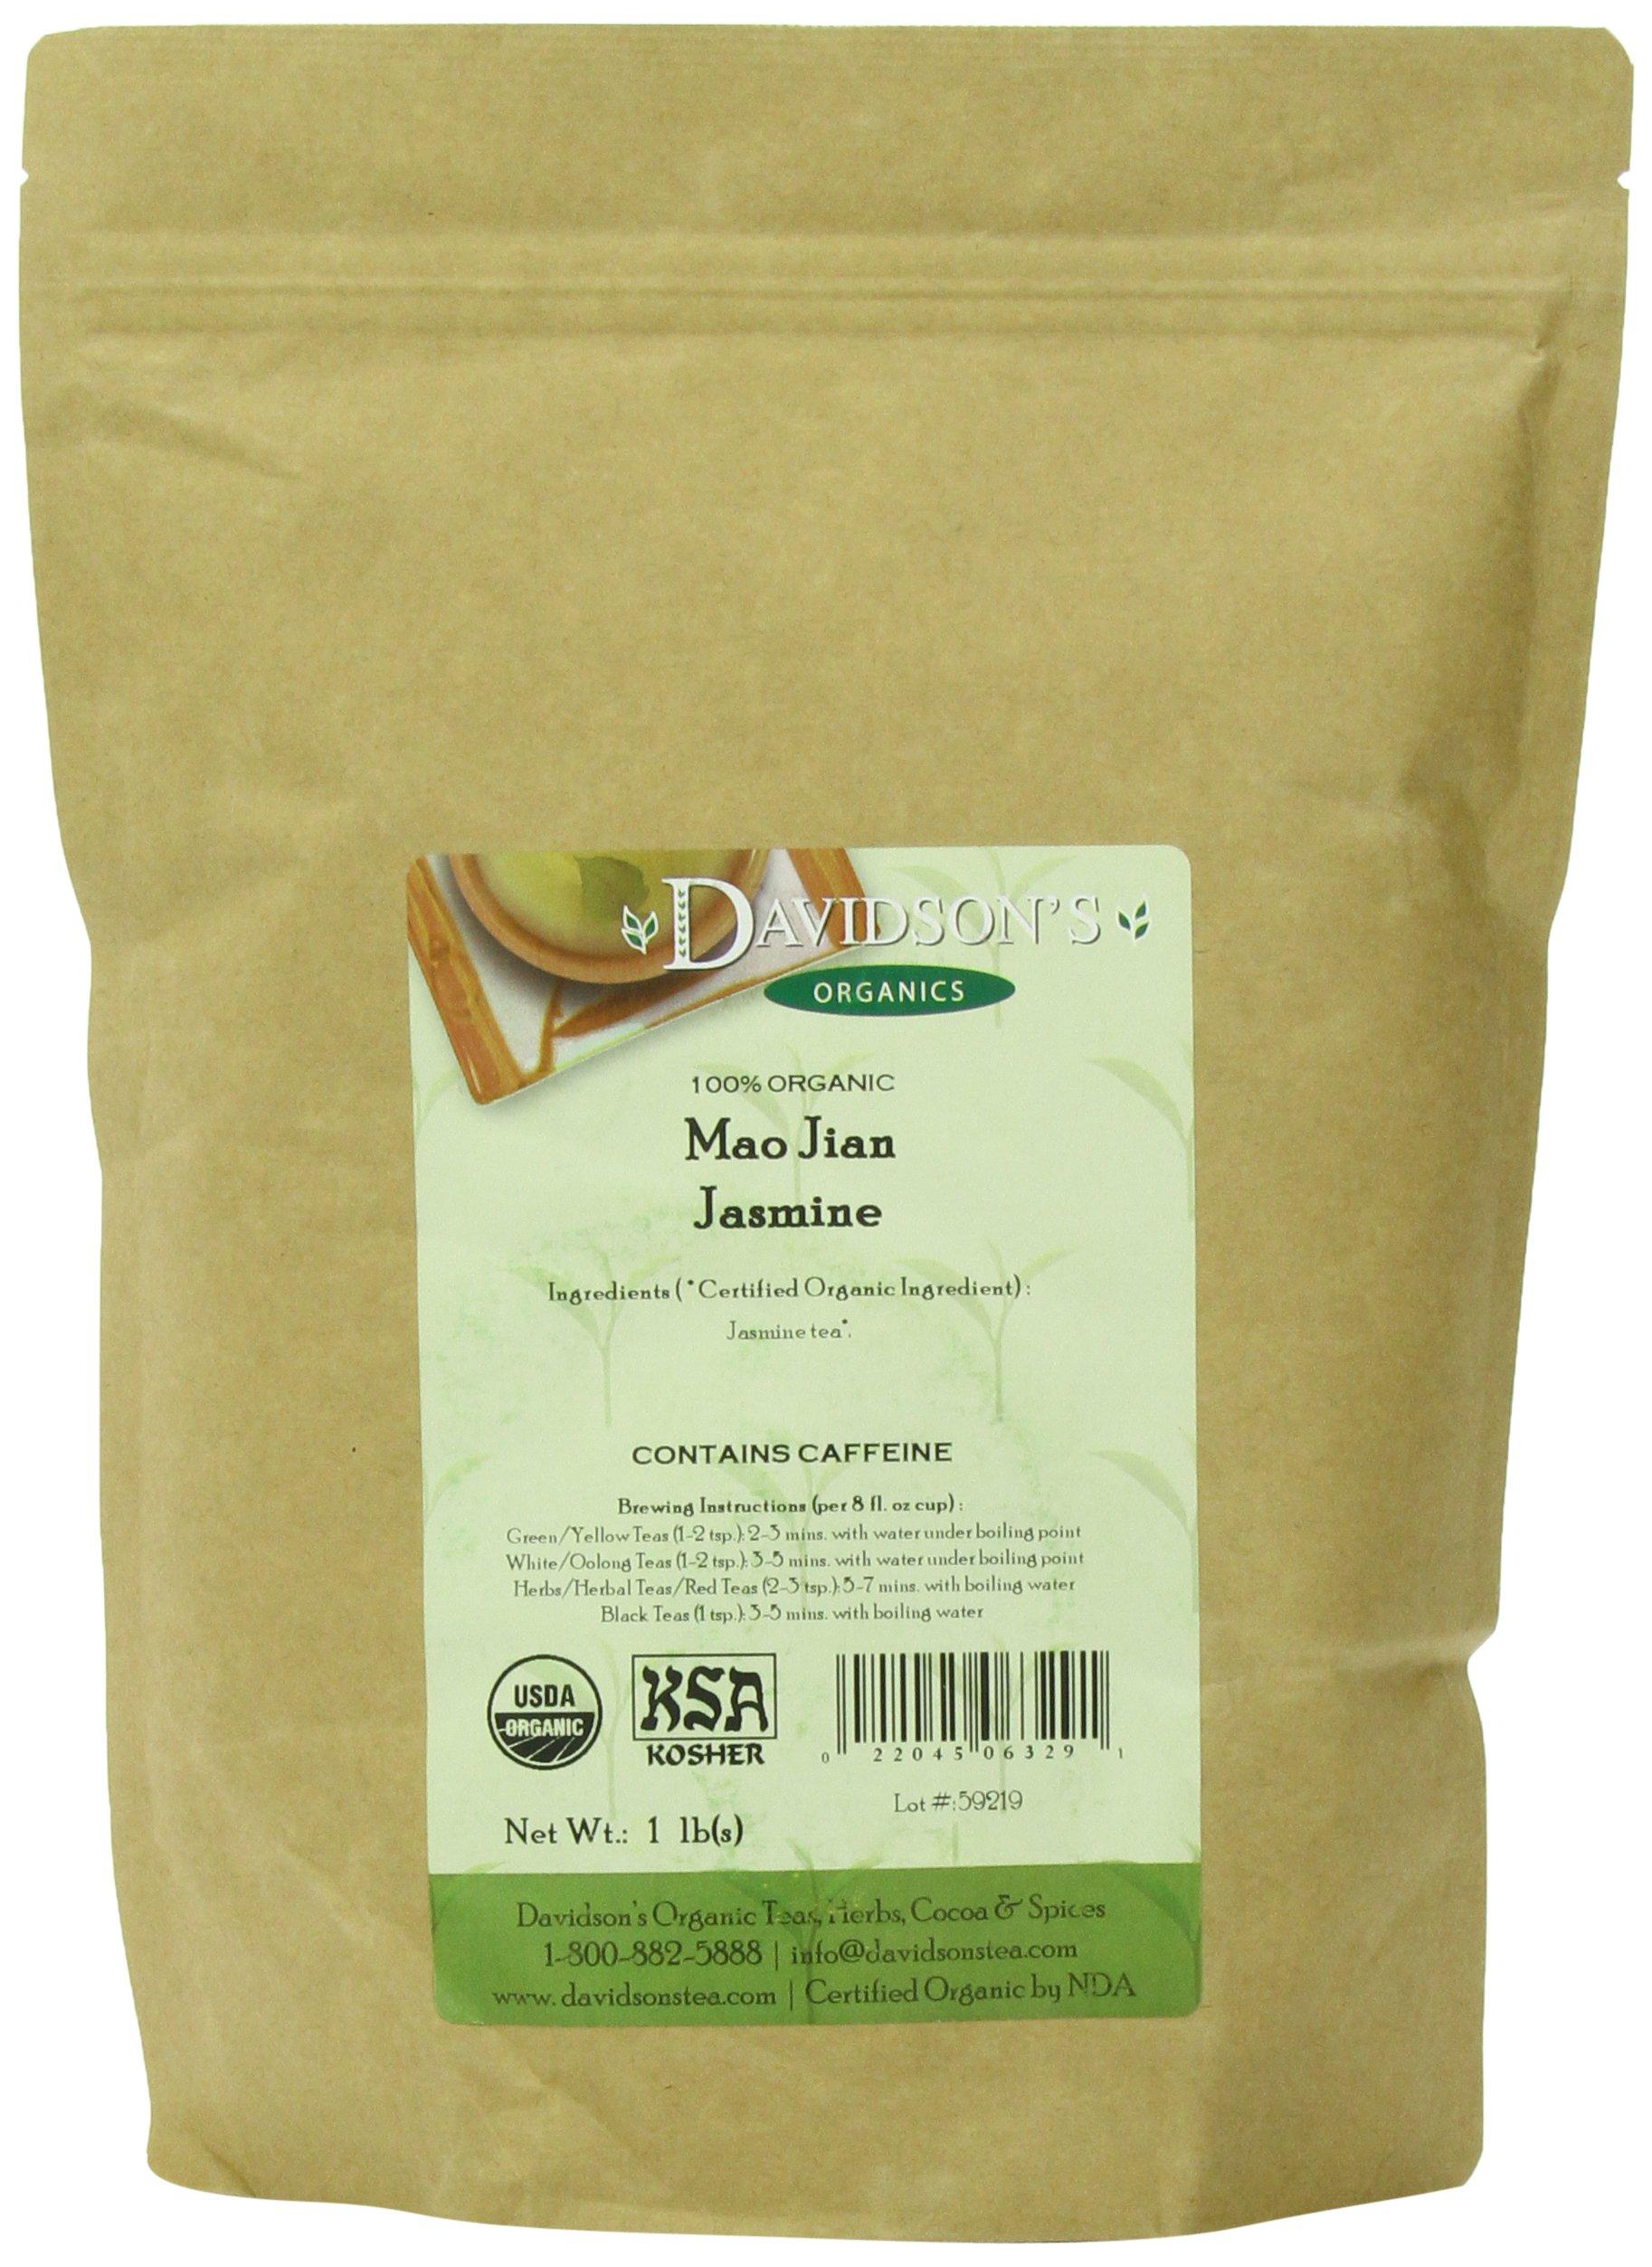 Davidson's Tea Bulk, Organic Mao Jian Jasmine, 16 Ounce